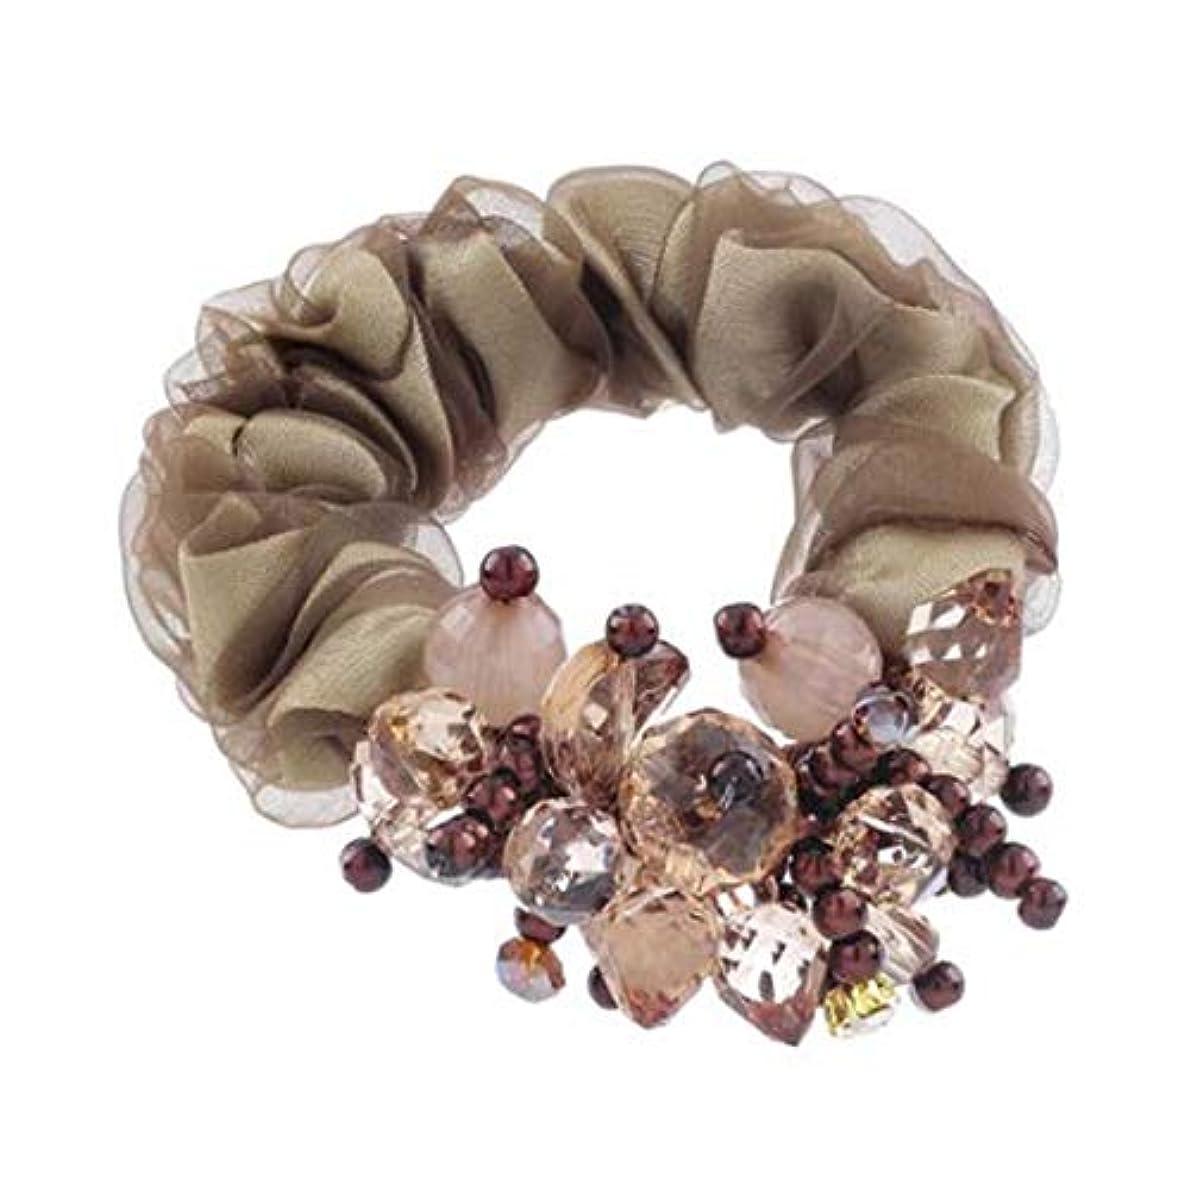 骨折シェーバー子孫ヘアクリップ、ヘアピン、ヘアグリップ、ヘアグリップ、ヘアアクセサリーヘアバンドヘアーロープヘアネクタイヘアバンドラバーバンドヘッドロープ女性ヘッドジュエリーアダルトプレート髪純色ビーズ第三の花の色 (Color : Brown)